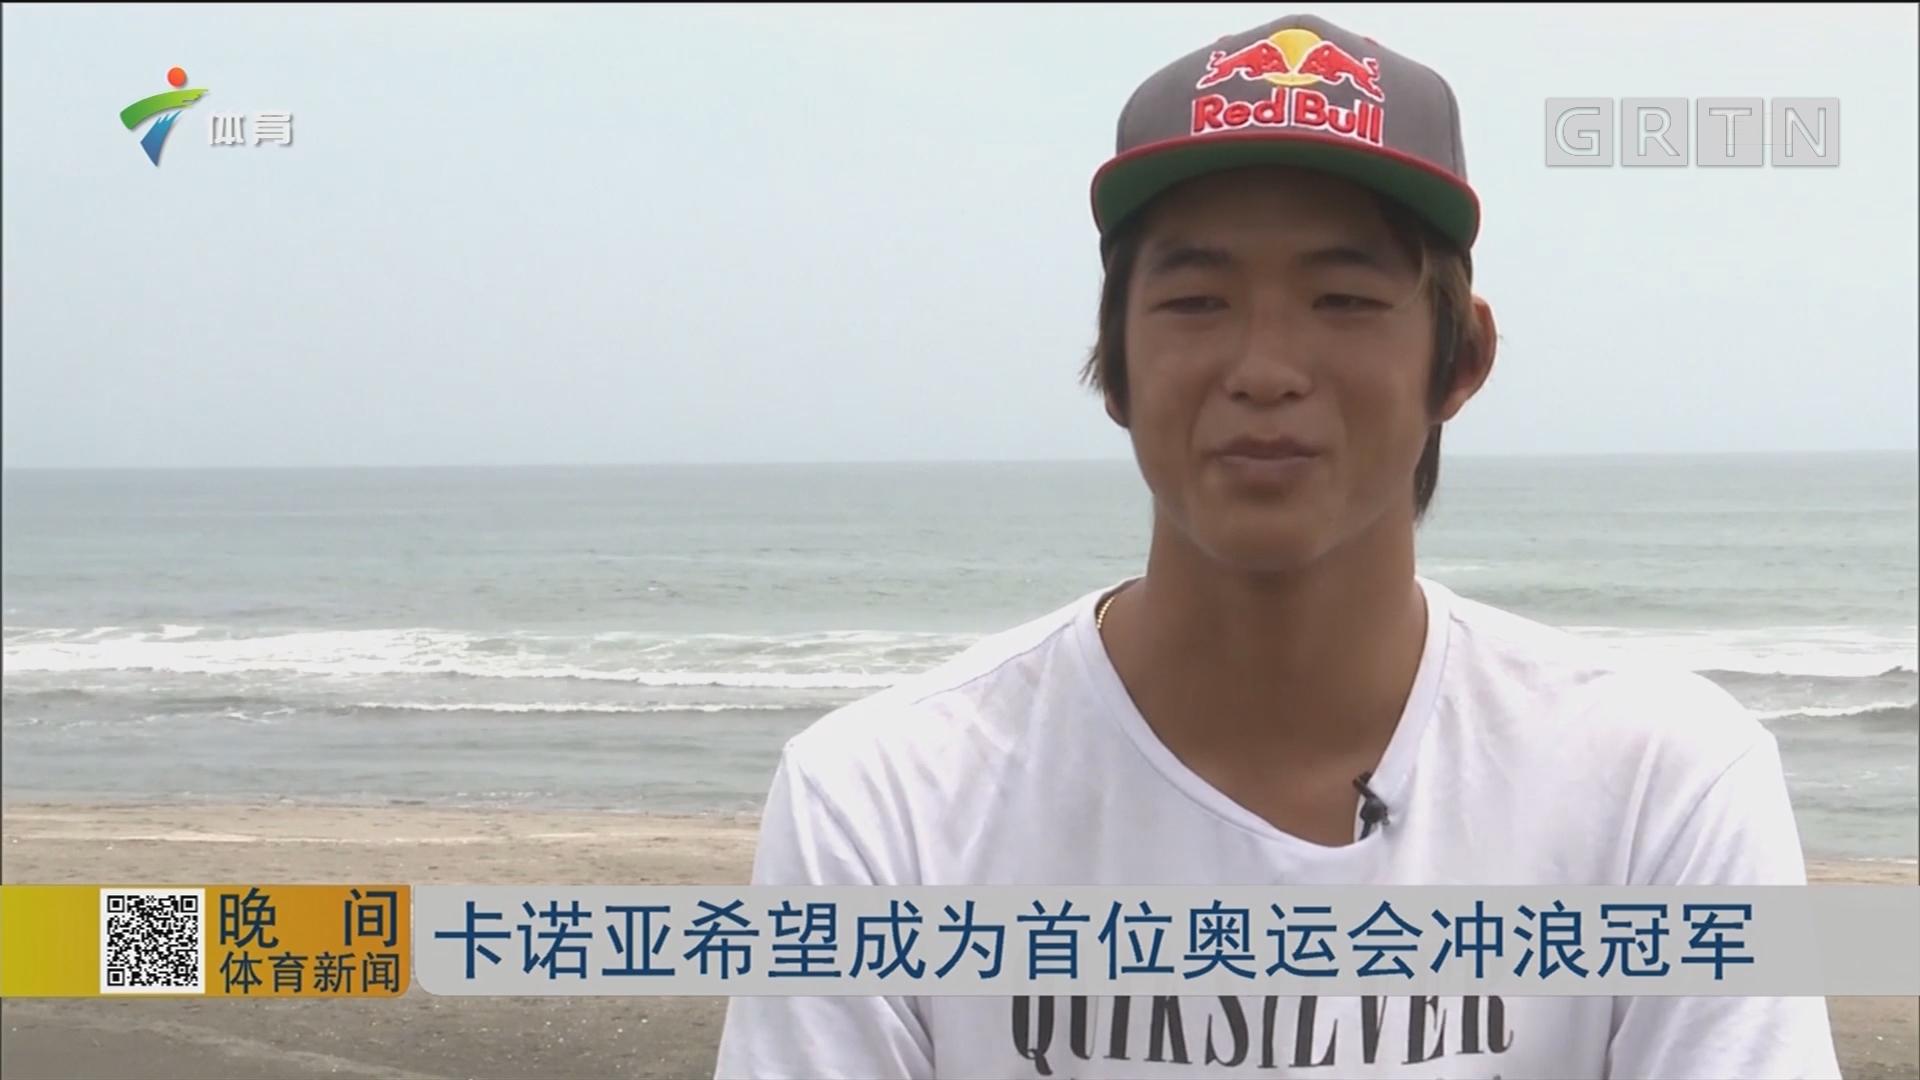 卡诺亚希望成为首位奥运会冲浪冠军